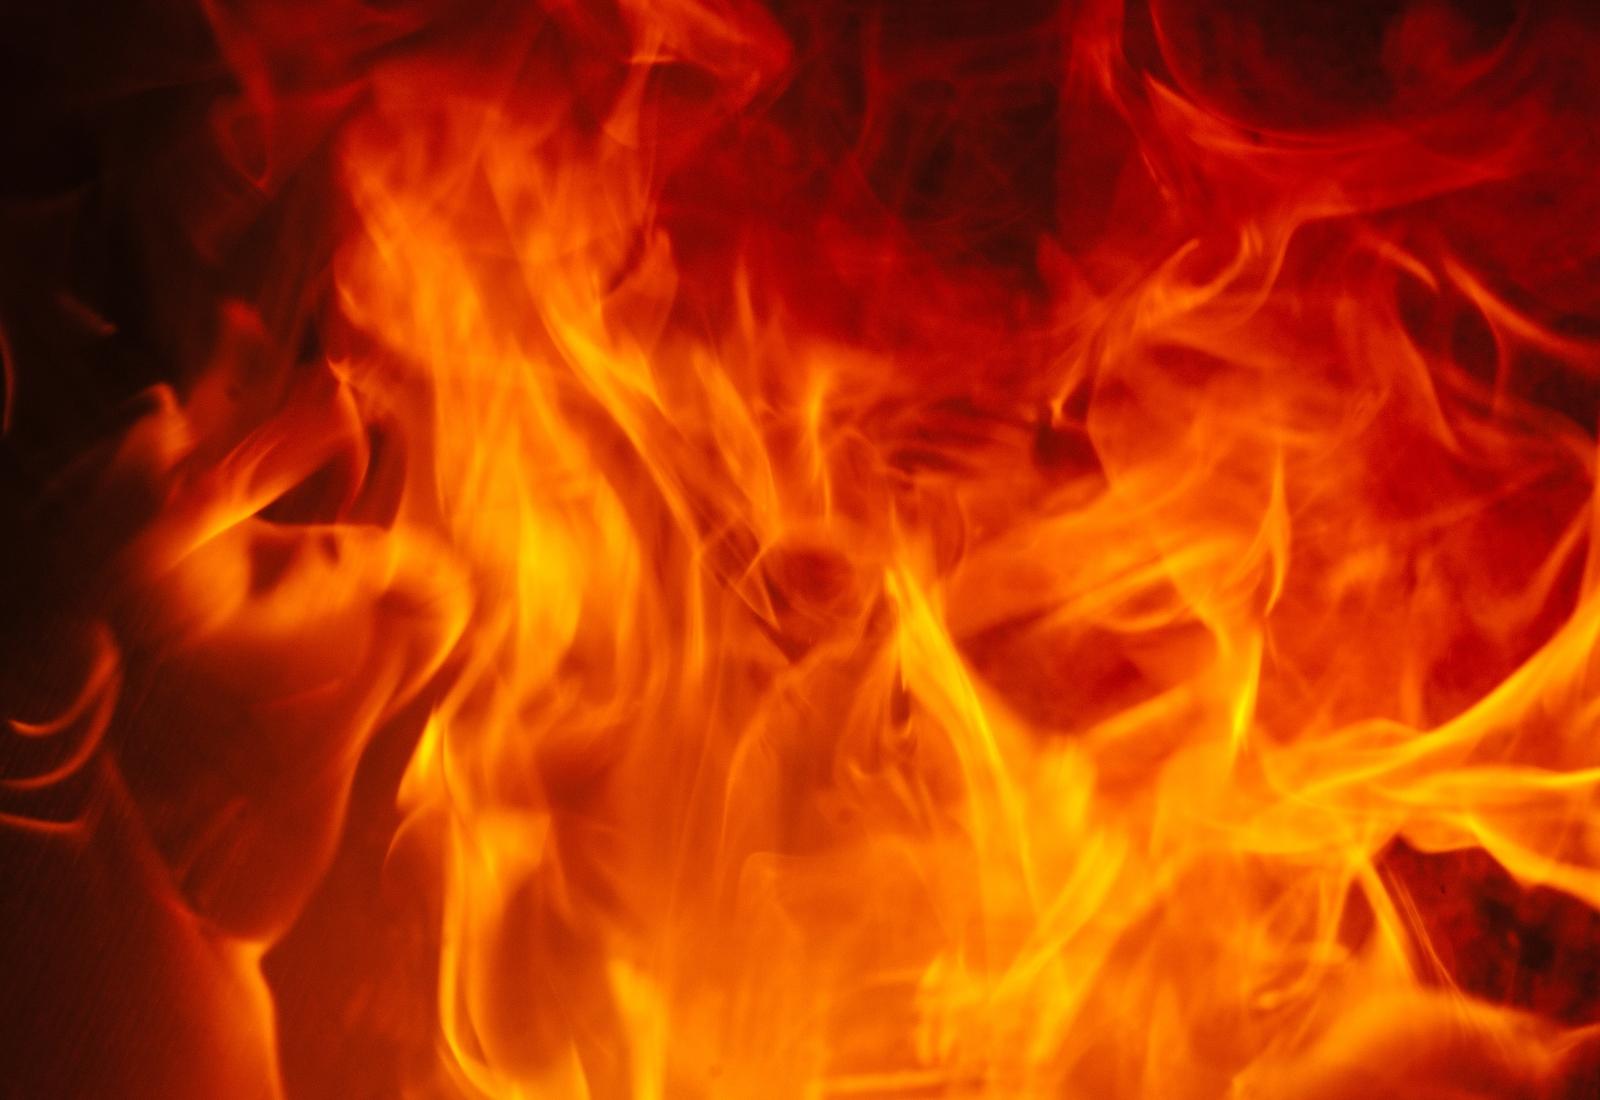 Верен отговор б) - Да стоите ниско долу. Топлината и пушекът се издигат нагоре, ето защо ниско долу ще имате повече кислород и по-добра видимост.